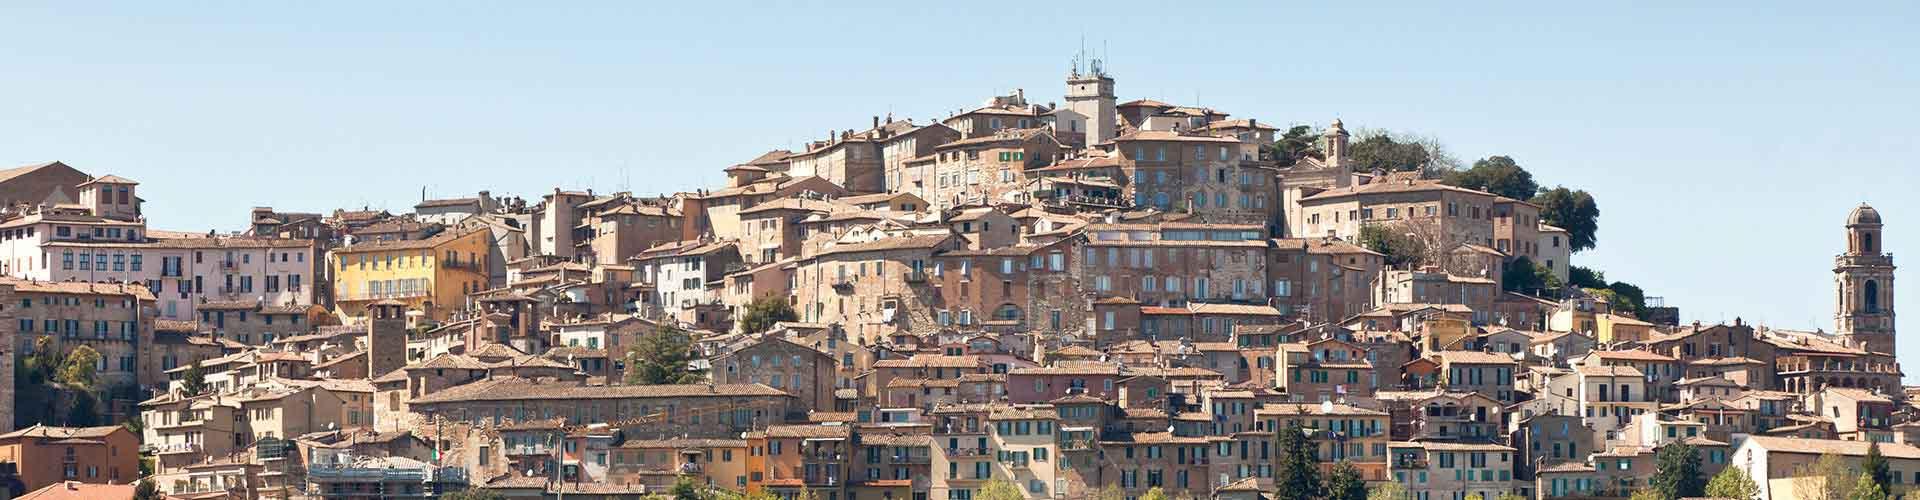 Perugia - Hôtels à Perugia. Cartes pour Perugia, photos et commentaires pour chaque hôtel à Perugia.